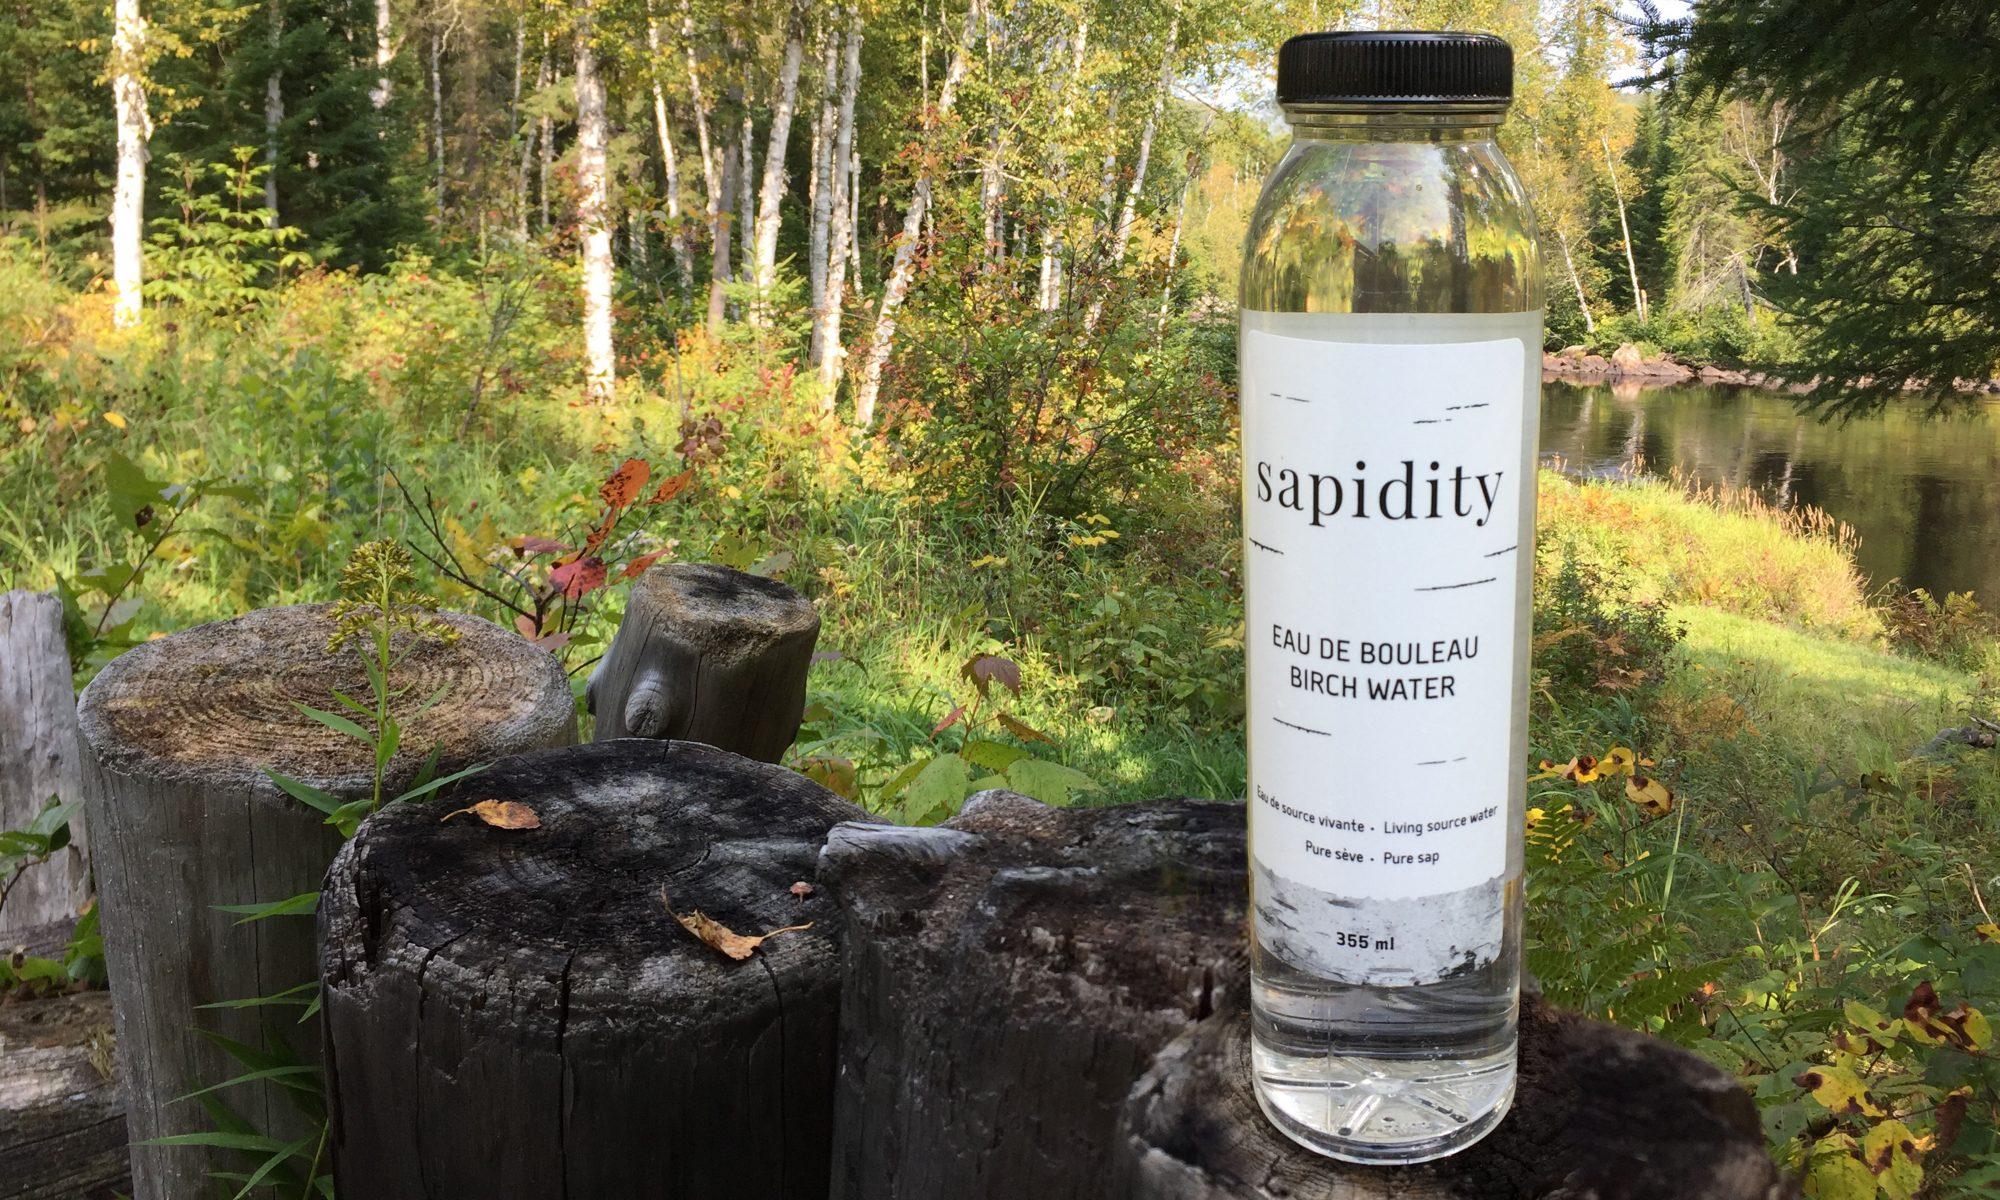 Sapidity